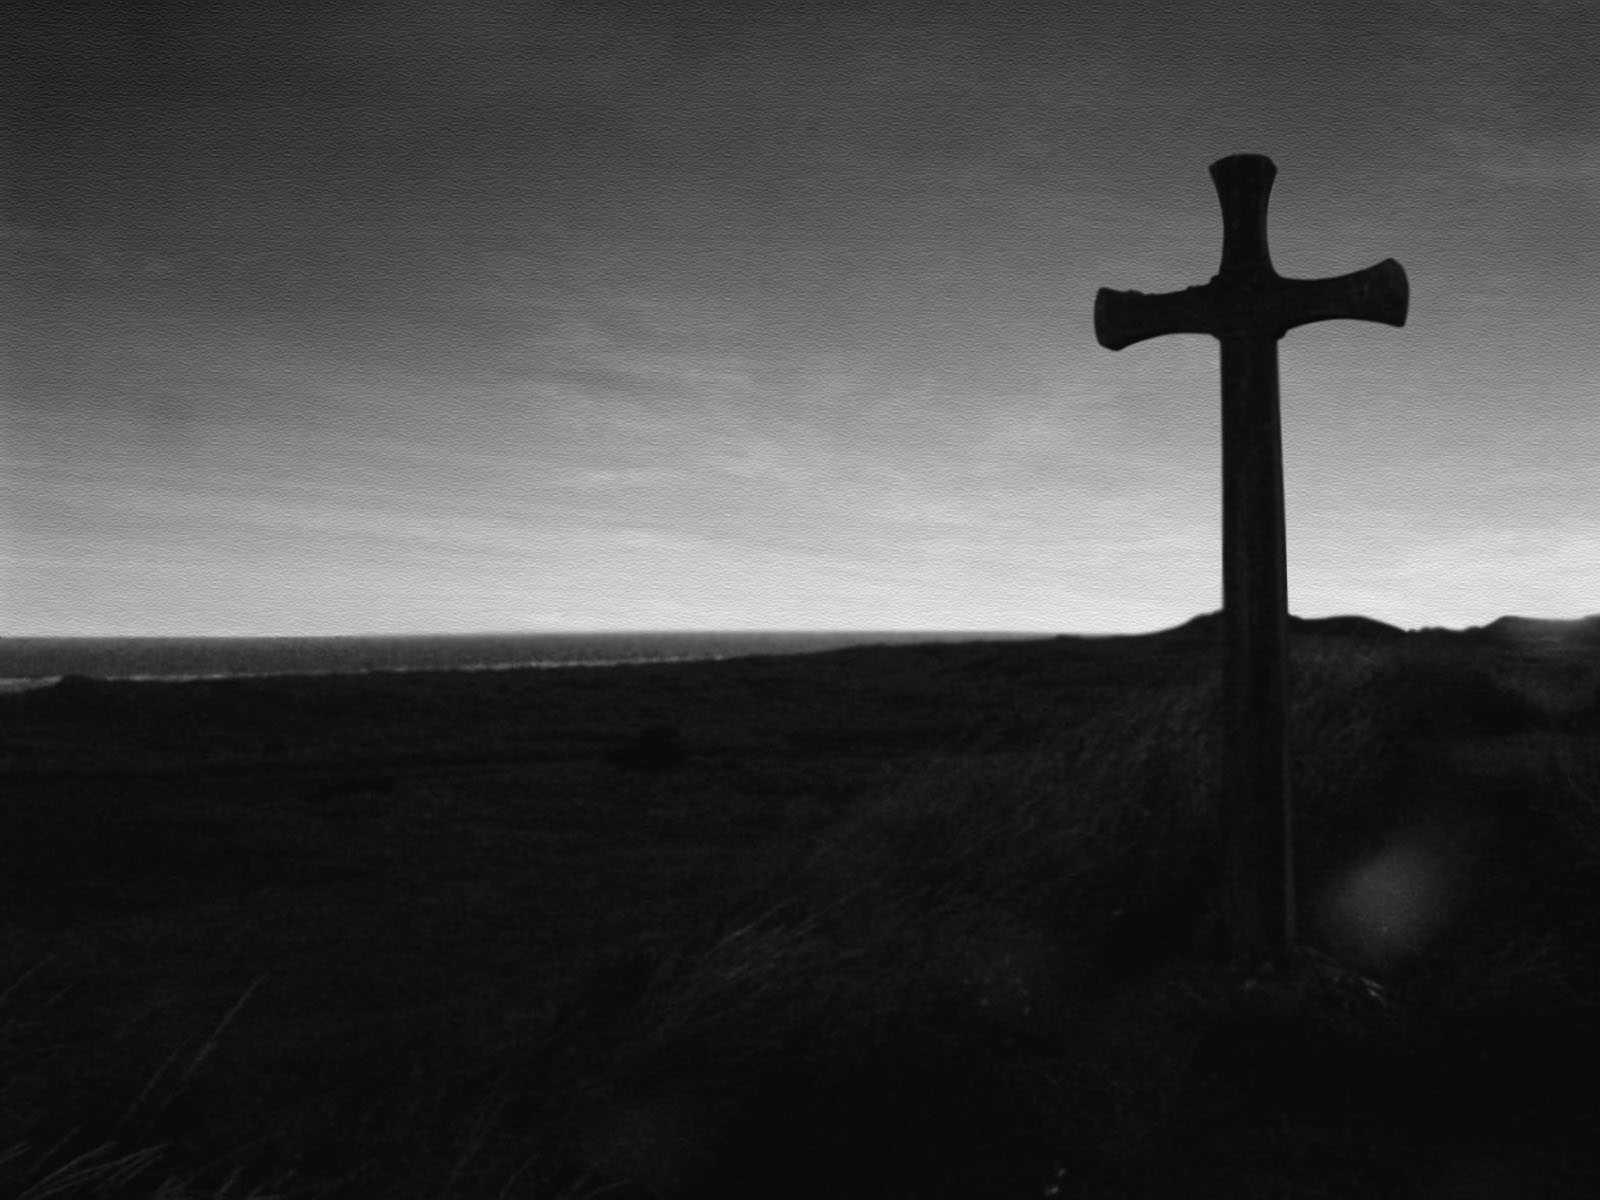 """<em>""""Alegeți cu înțelepciune în aceste zile. Consecințele sunt veșnice"""".</em> Mărturia unui preot catolic bolnav în stadiu terminal: COVID ESTE FOLOSIT DE DUȘMAN PENTRU A TRAGE SUFLETELE ÎN IAD. Trebuie să luptăm!"""